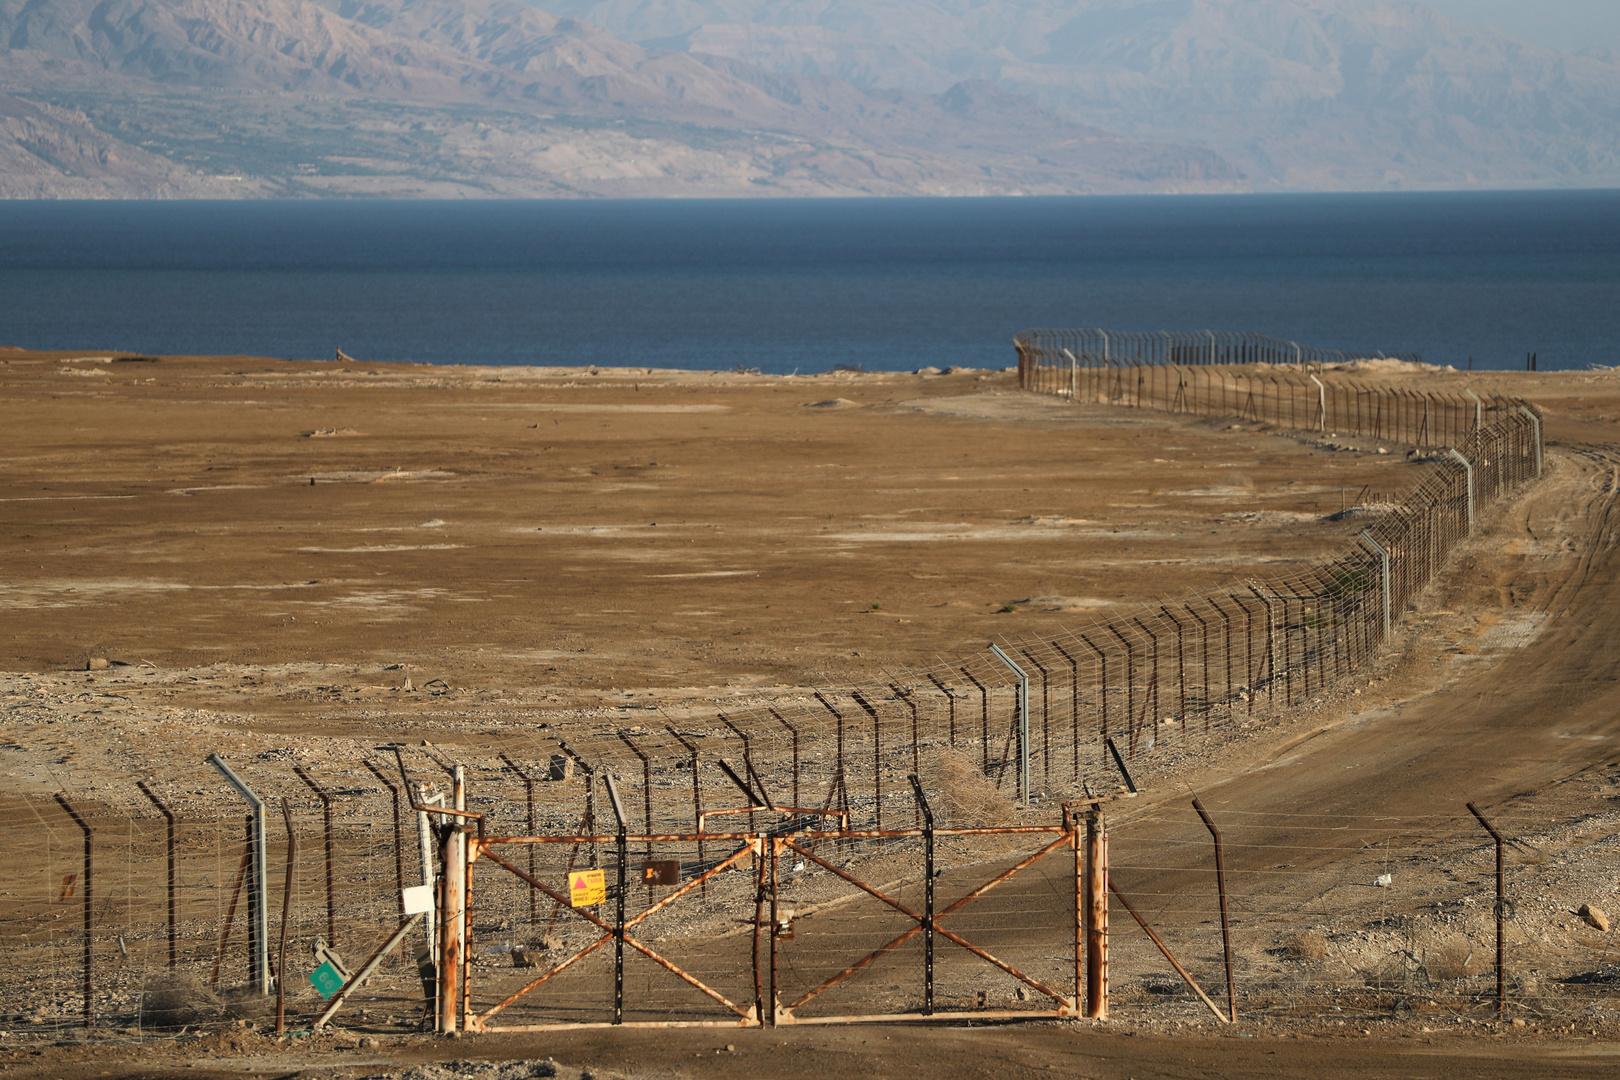 الحدود بين الأردن والضفة الغربية لنهر الأردن المحتلة إسرائيليا.